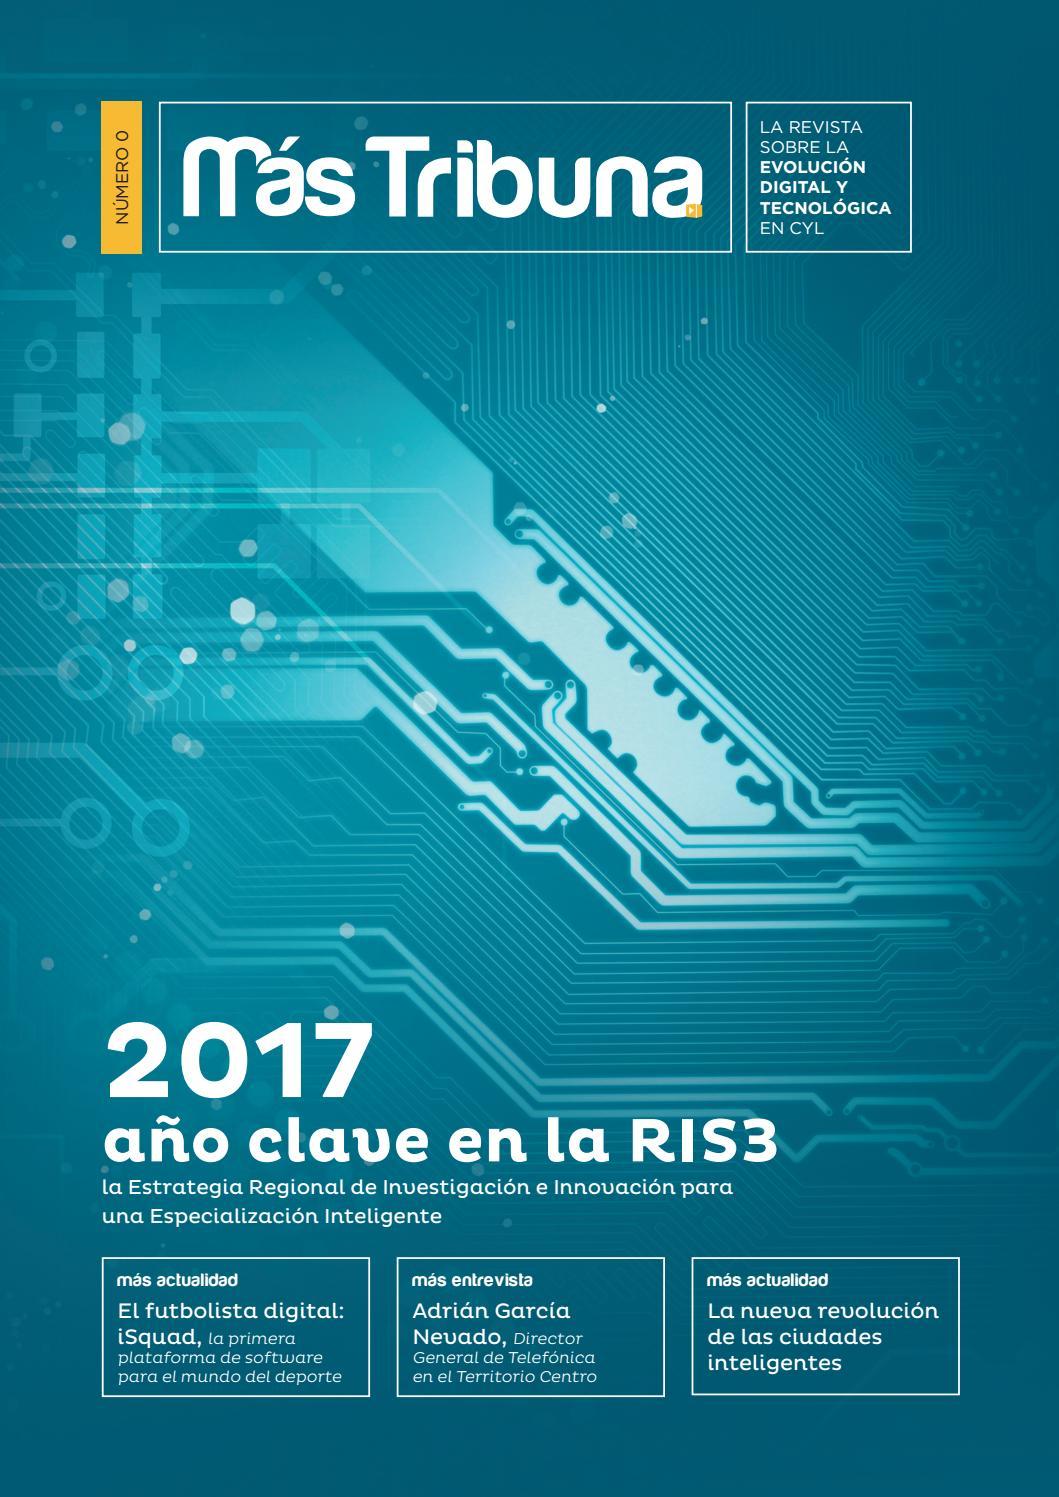 Mas Tribuna - La revista sobre la Evolución digital y tecnológica en ...